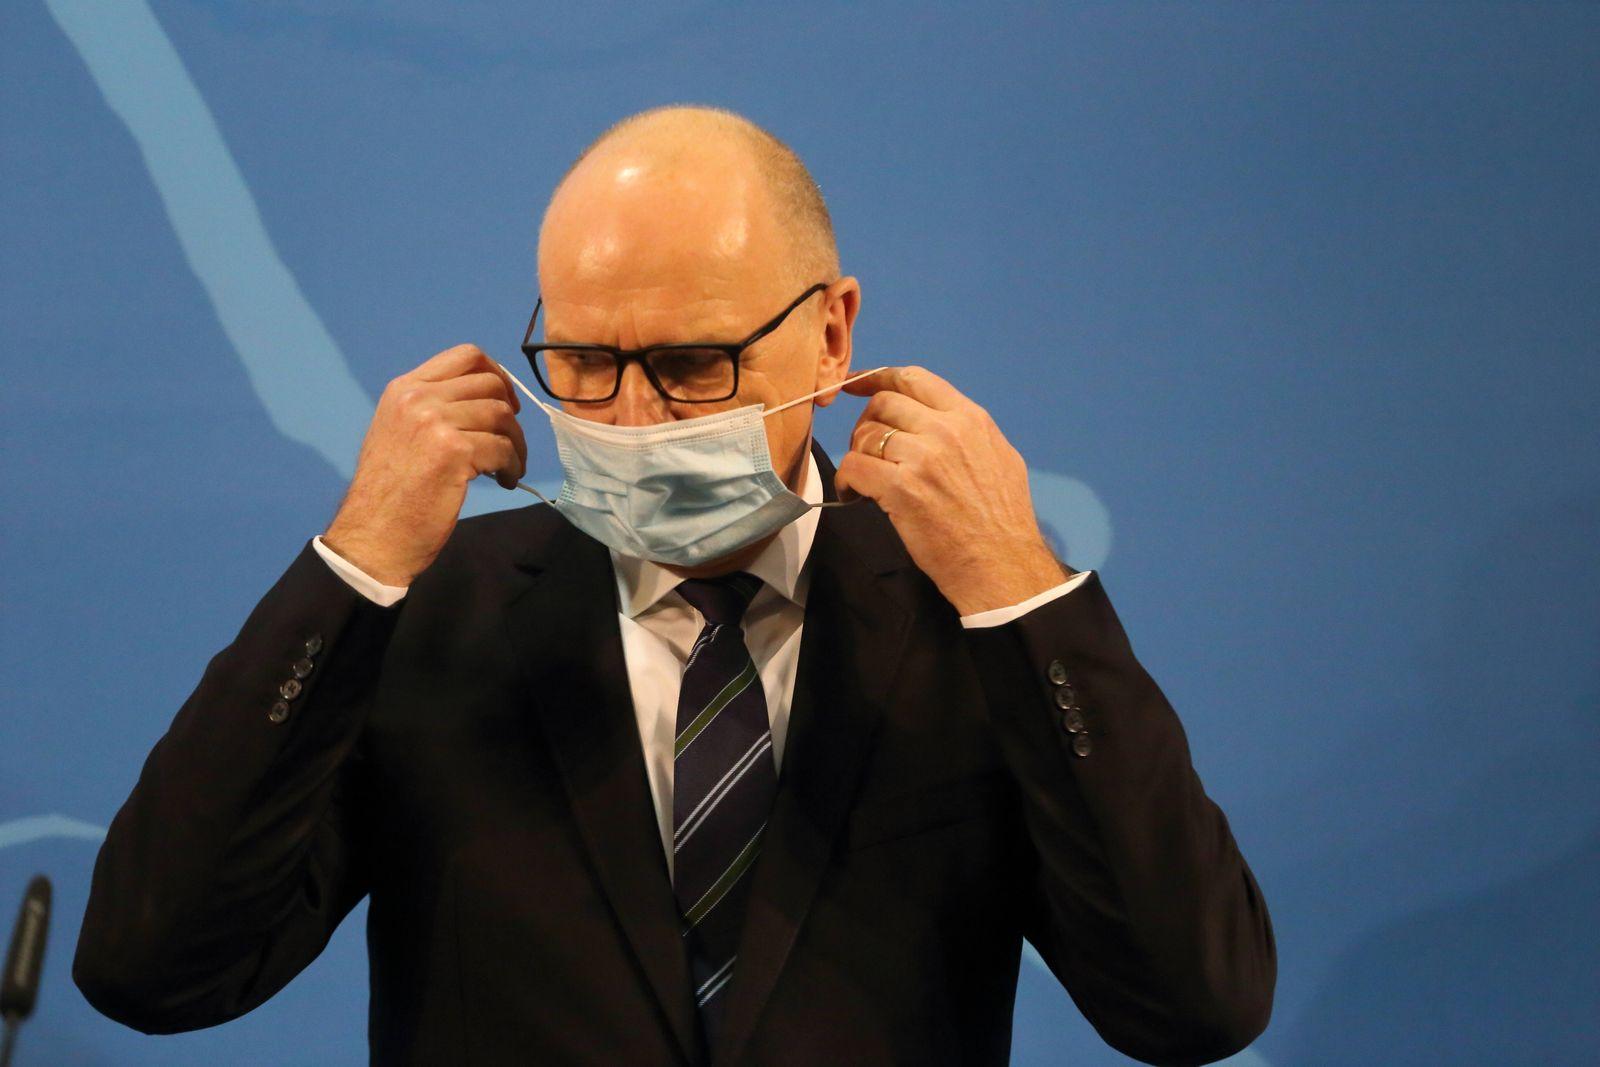 Ministerpräsident Dietmar Woidke (SPD) während einer Pressekonferenz zu geplanten Lockerungen der Maßnahmen gegen die A